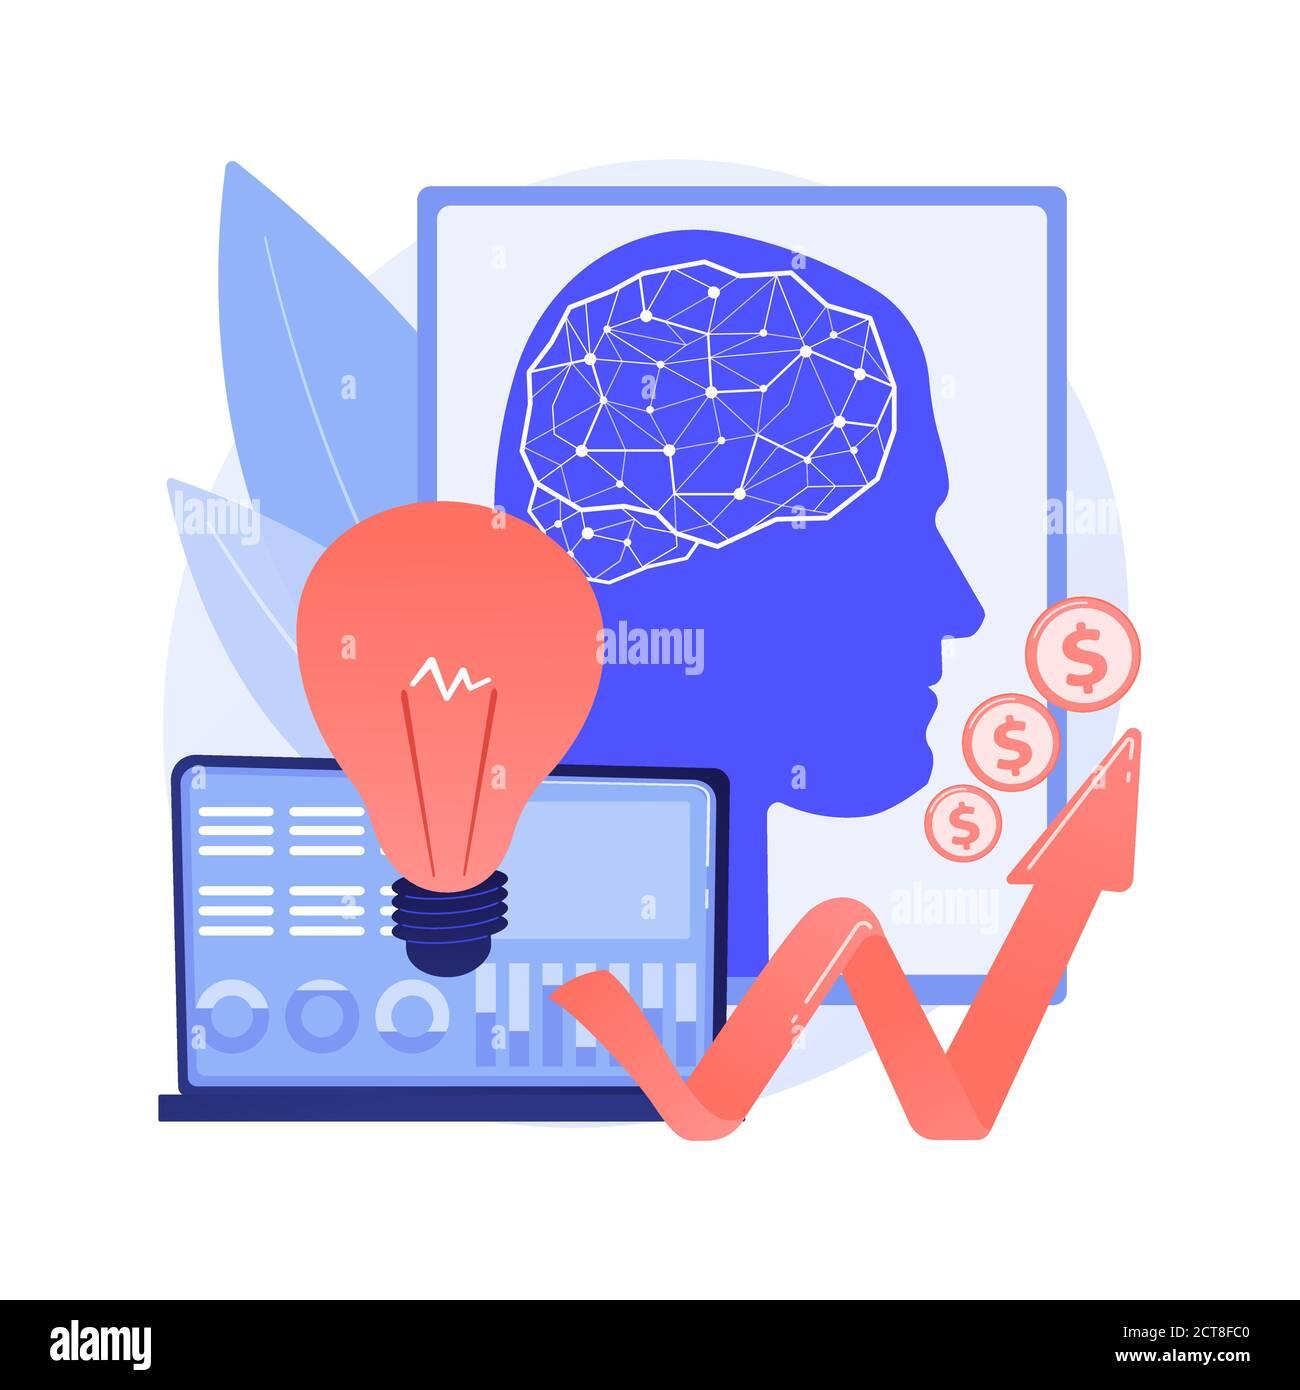 L'intelligence artificielle dans le financement de l'illustration abstraite du vecteur du concept. Illustration de Vecteur